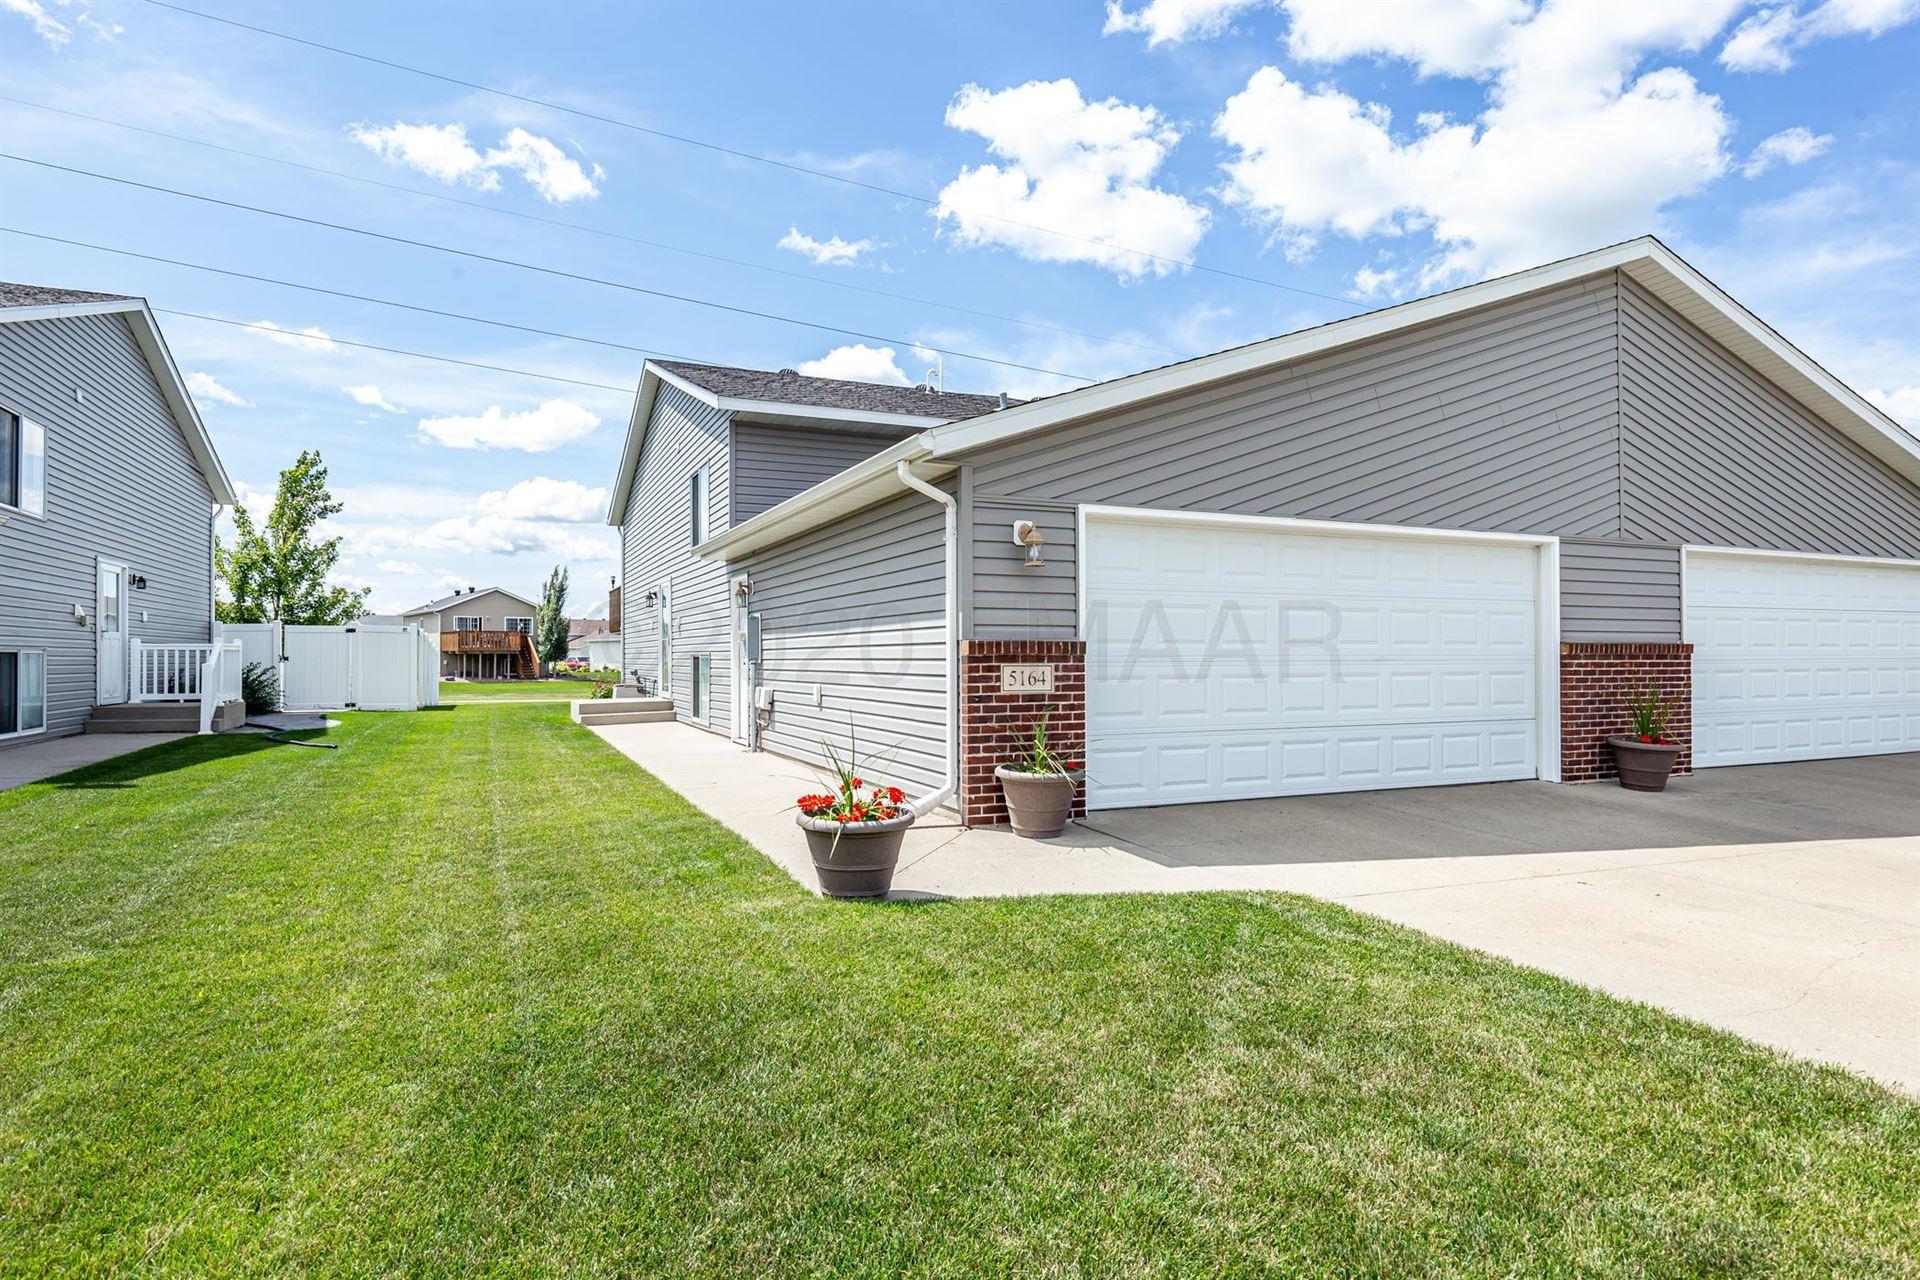 5164 48 S Avenue, Fargo, ND 58104 - #: 20-5428